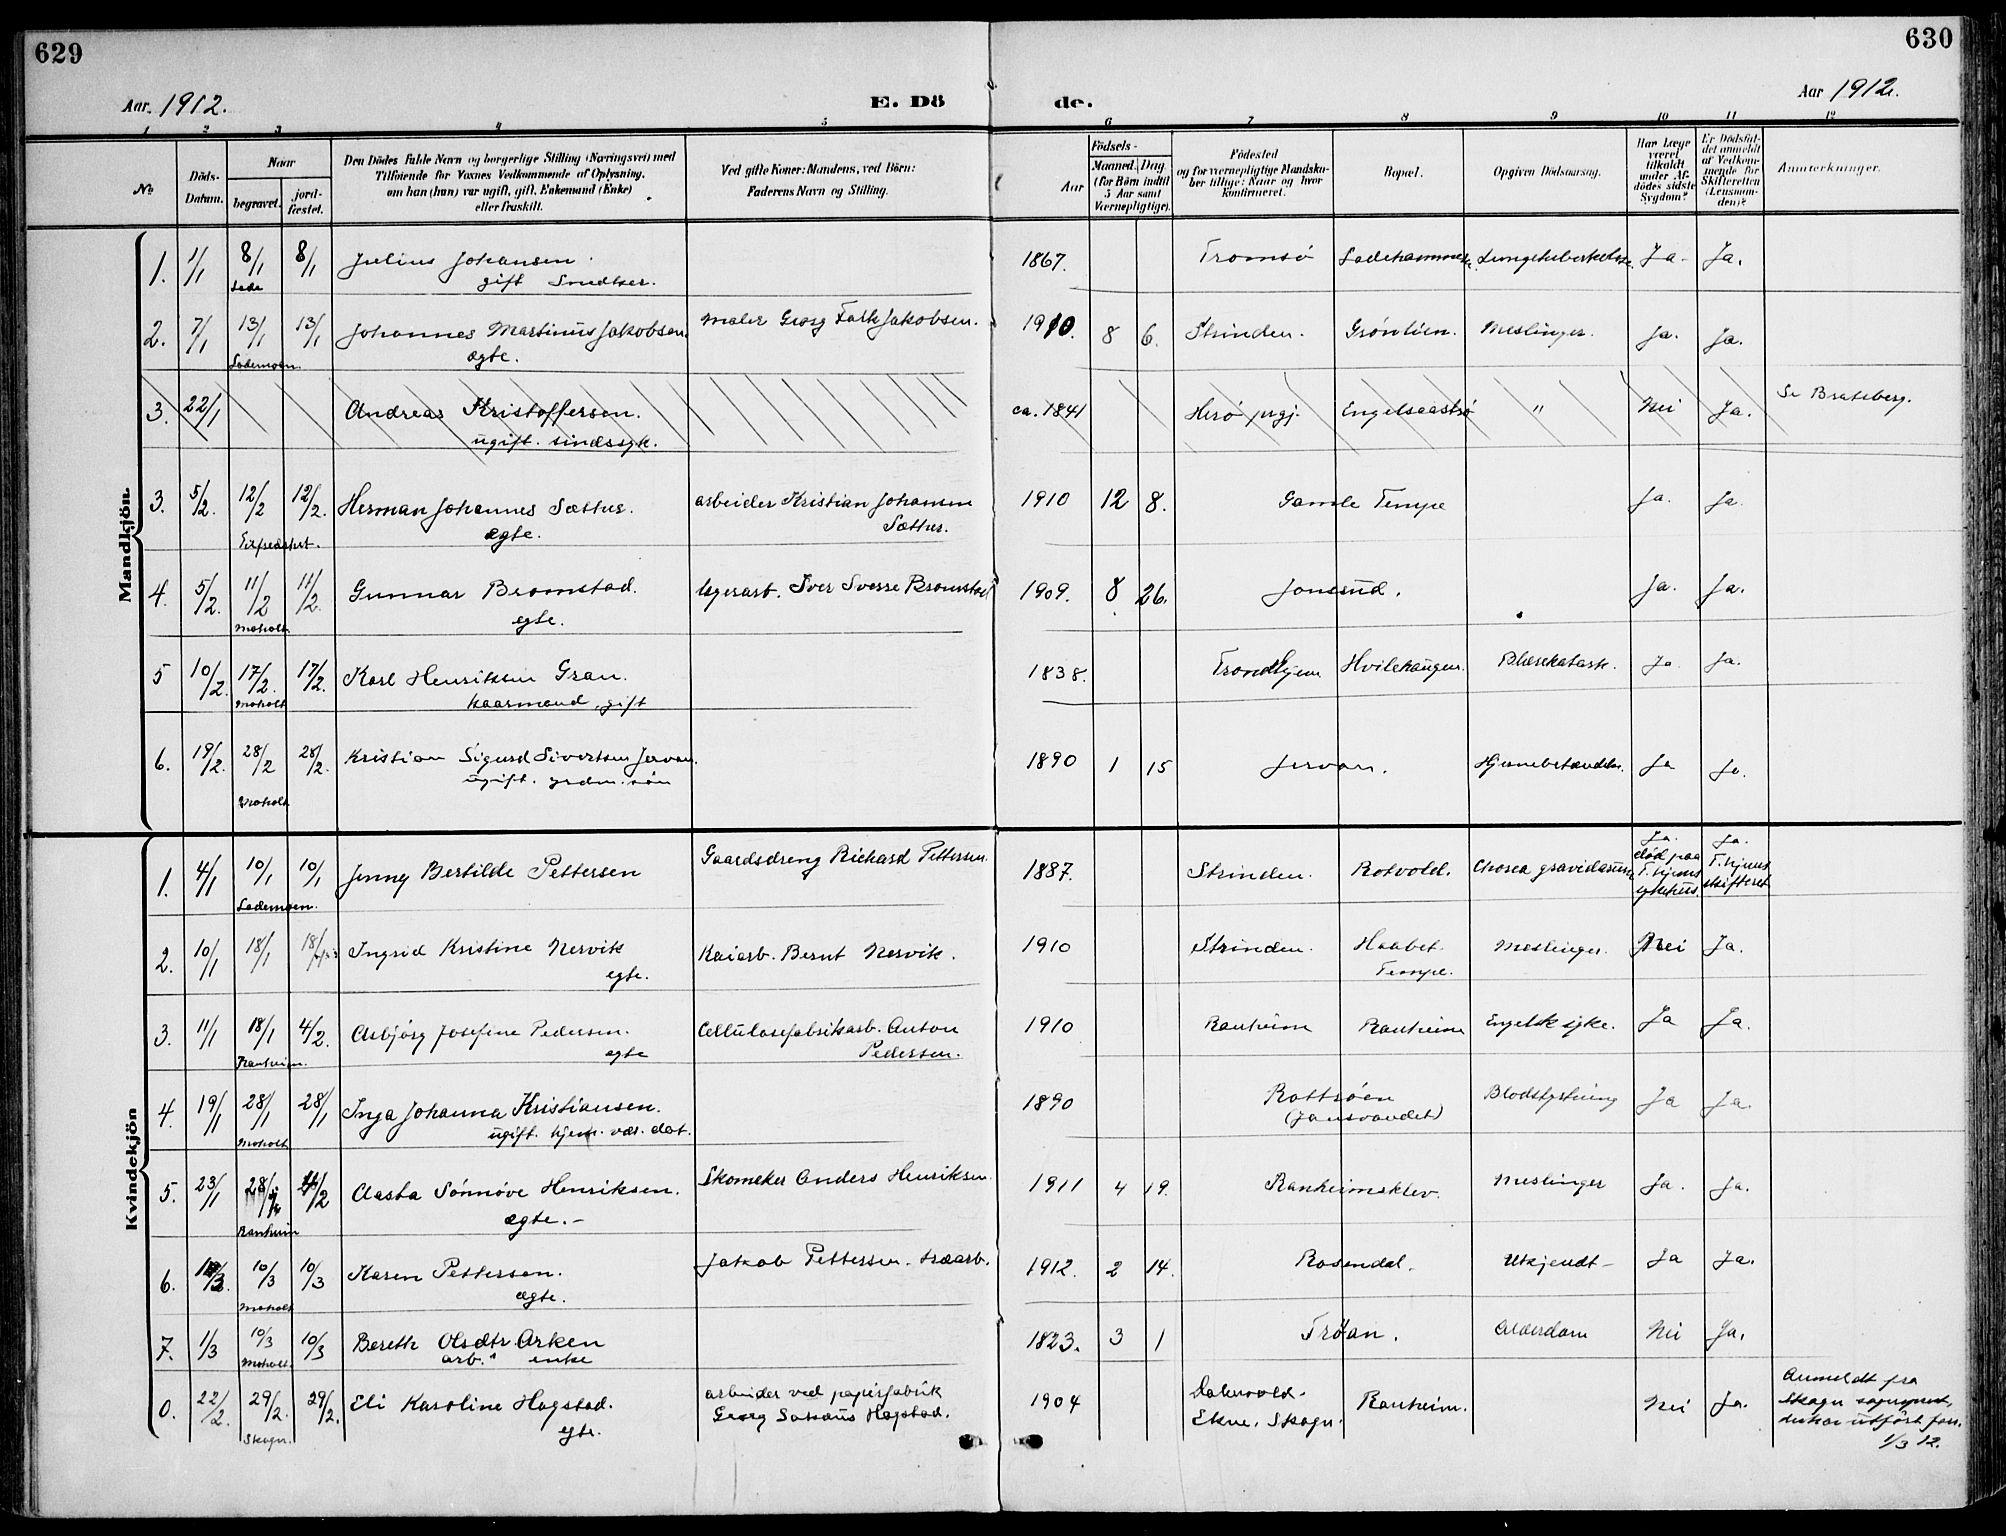 SAT, Ministerialprotokoller, klokkerbøker og fødselsregistre - Sør-Trøndelag, 607/L0320: Ministerialbok nr. 607A04, 1907-1915, s. 629-630